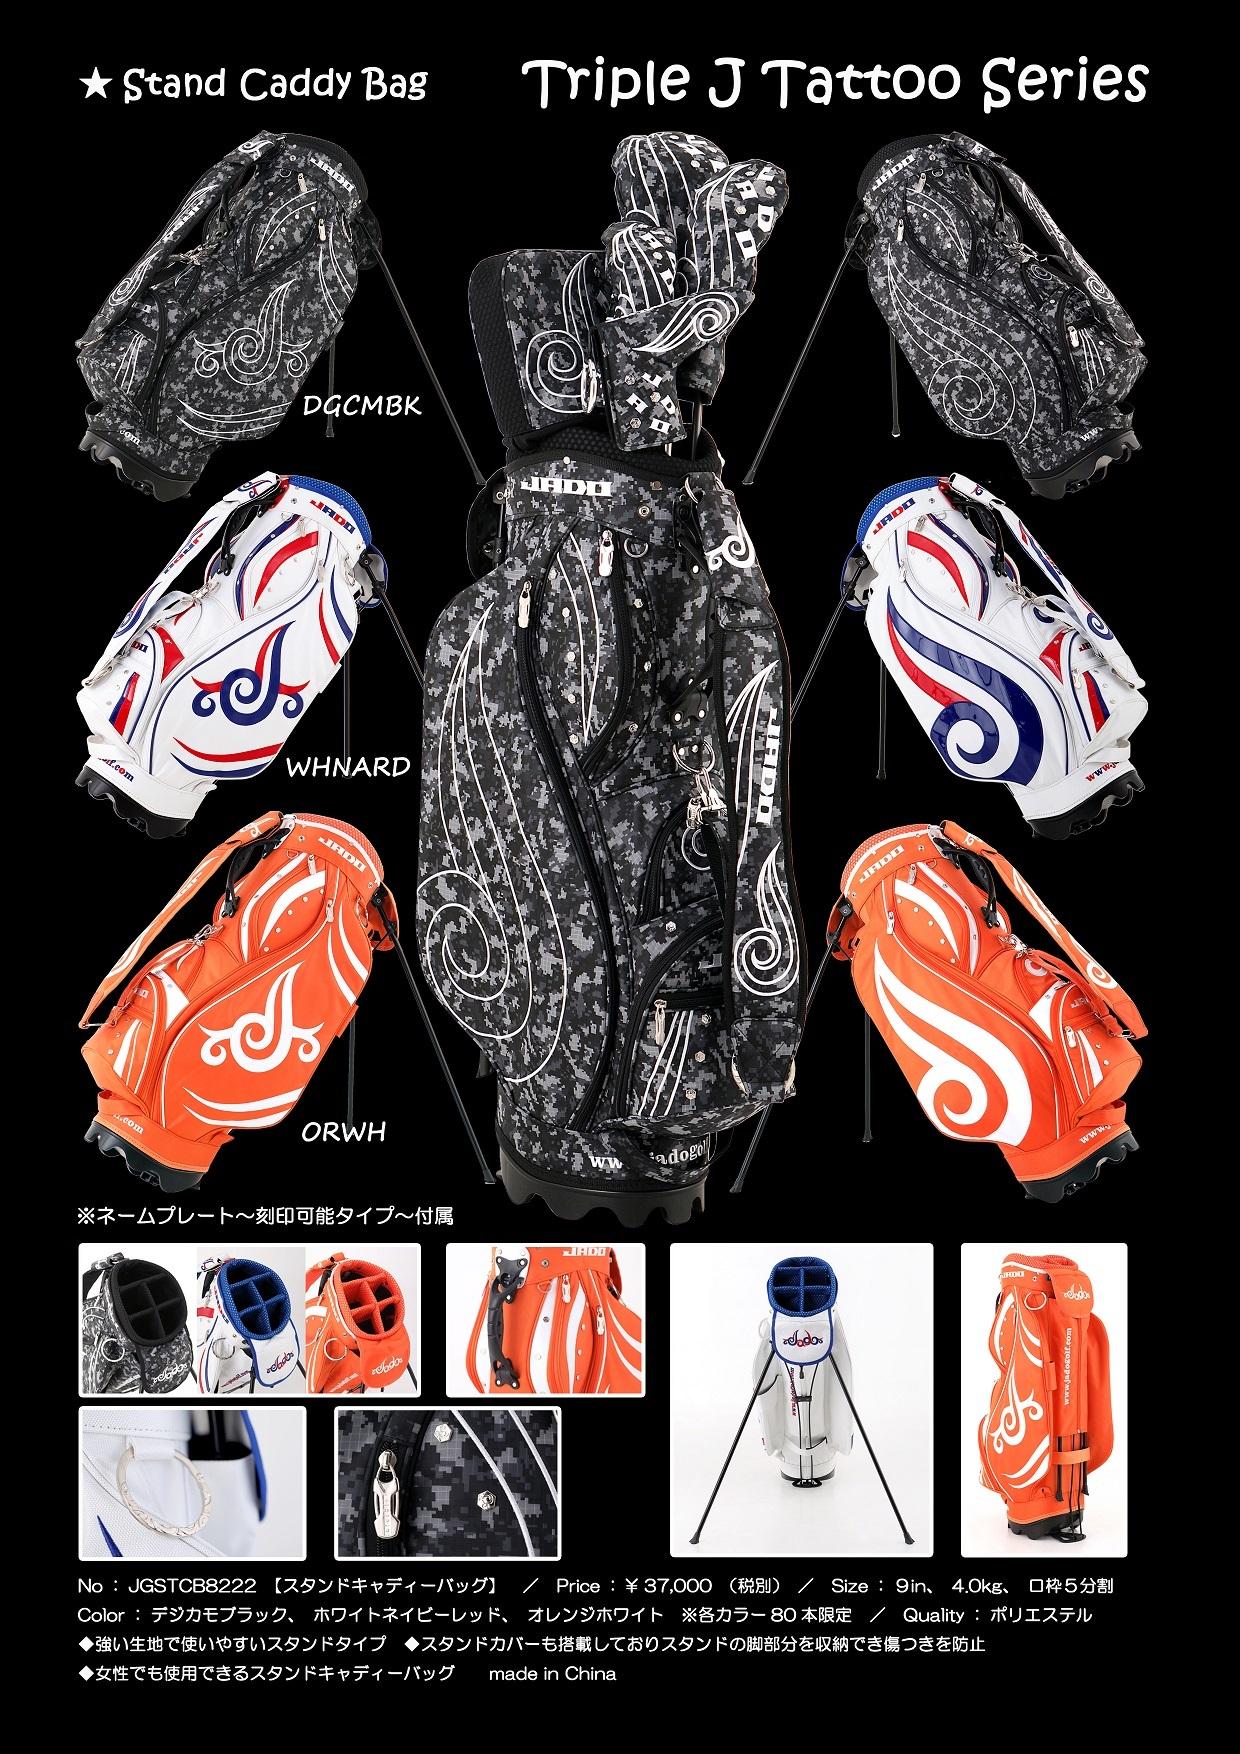 ゴルフ用品【JADO】Triple J Tattooシリーズを発売! ~JADO=邪道 それはゴルフスタイルの変化~